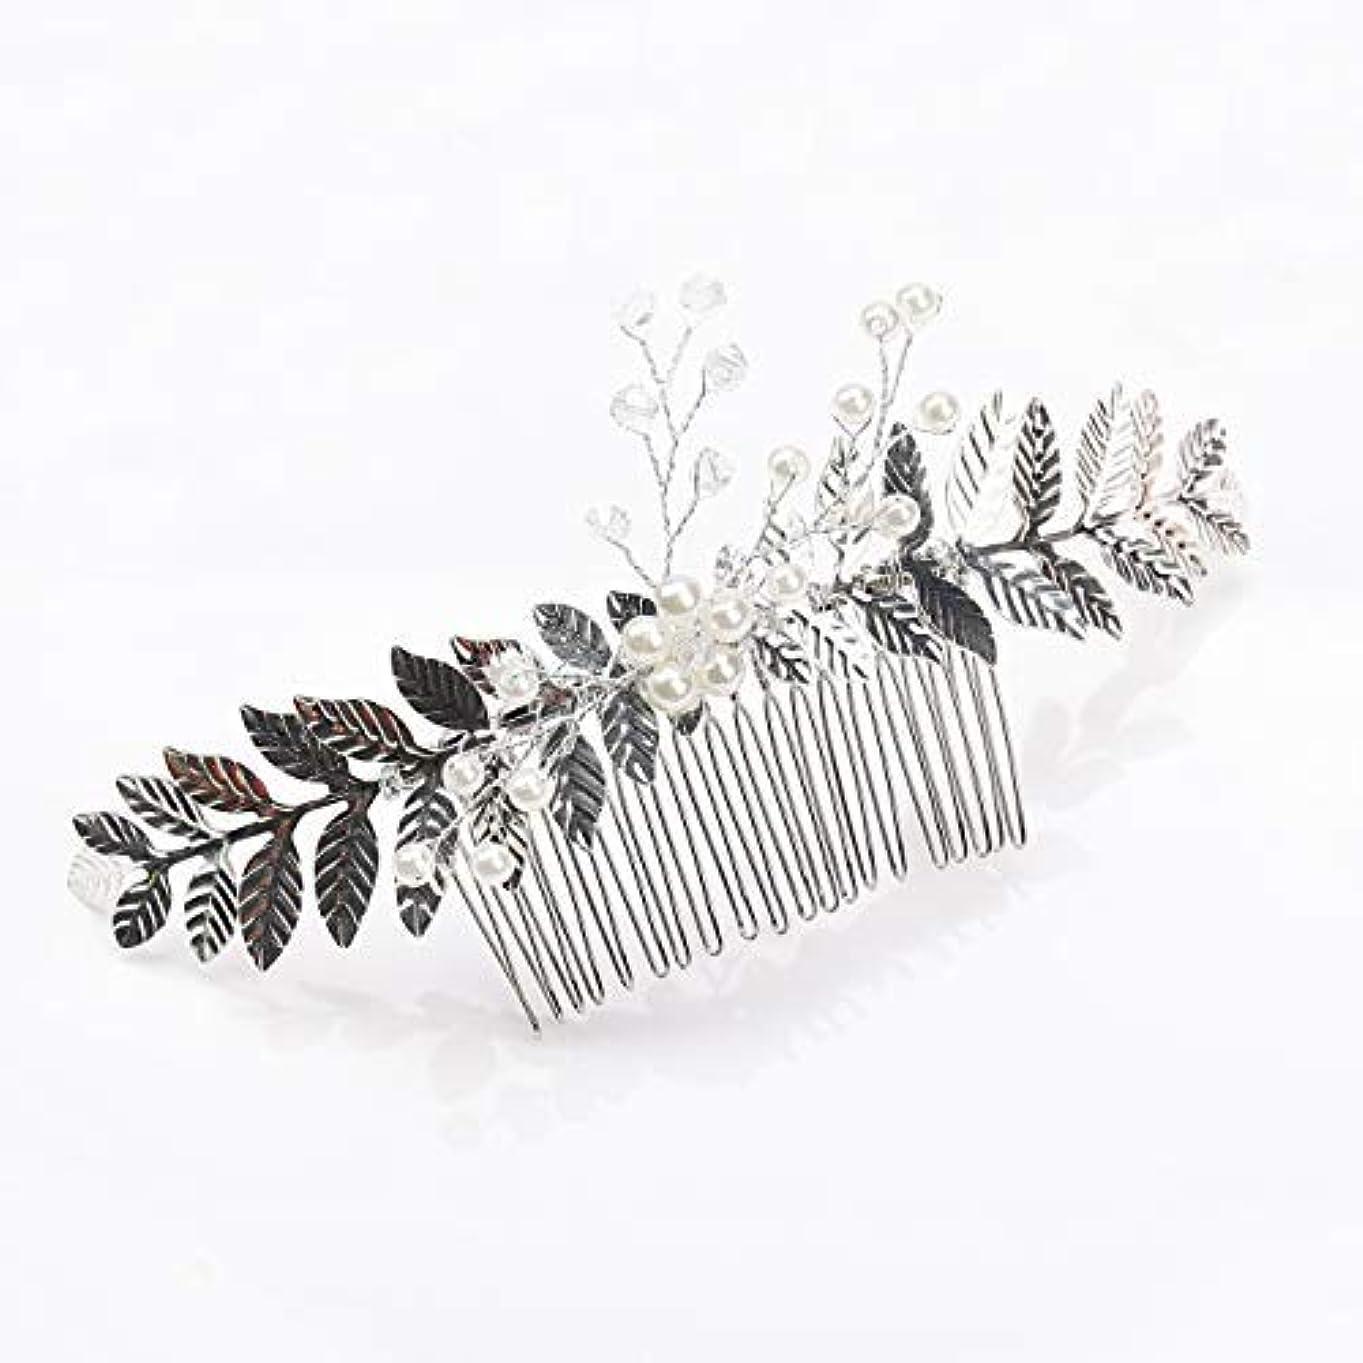 シンジケート製作スタイルKercisbeauty Rustic Wedding Oliver Branch Pearl Flower and Crystal Hair Comb for Bride Bridesmaid Prom Headpiece...